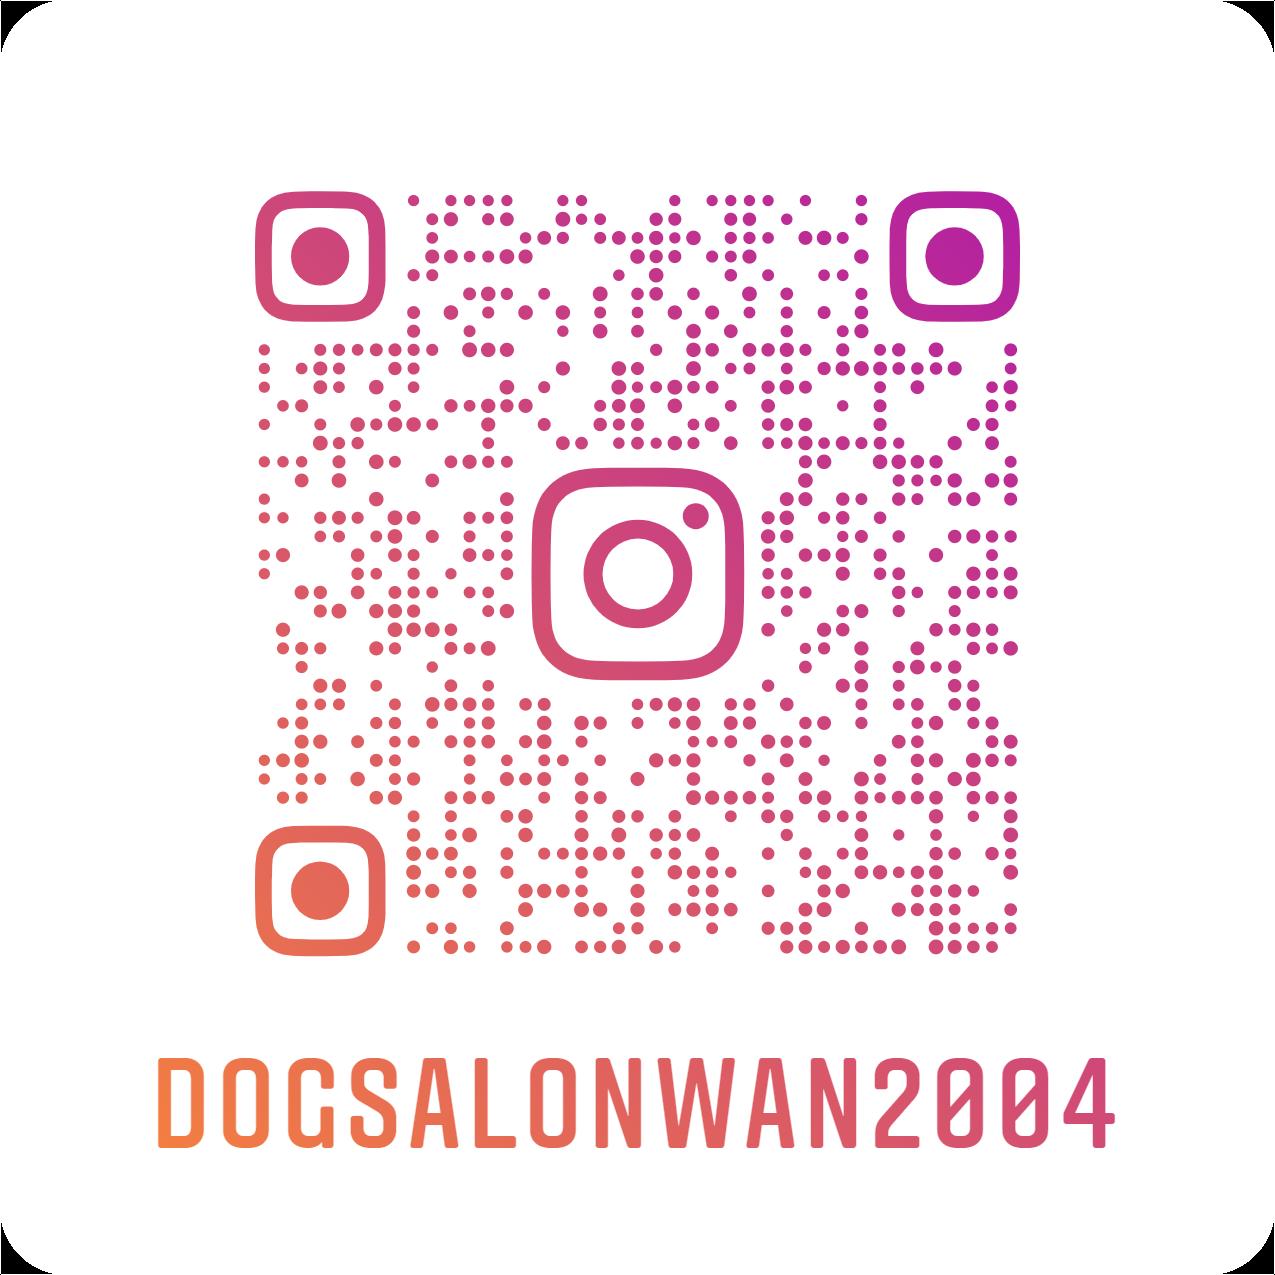 dogsalonwan2004_nametag_20210725090237427.png